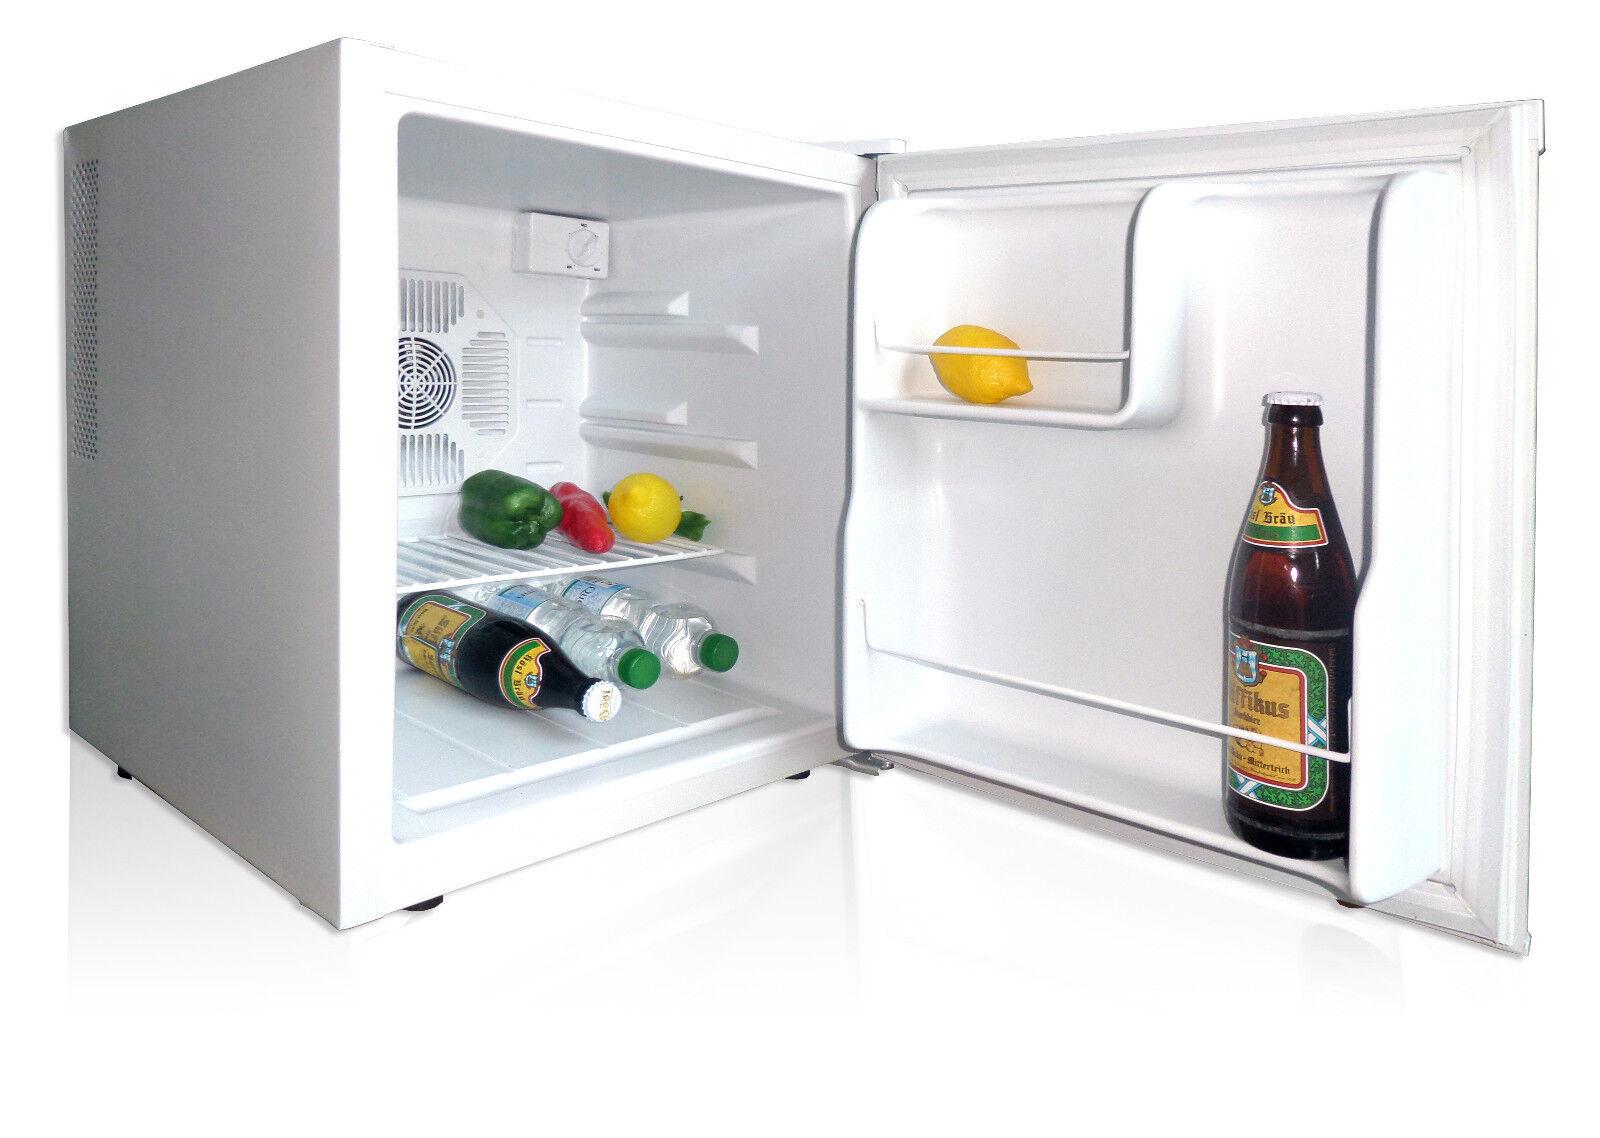 ᐅ Minikühlschrank Im Test 2019 ⇒ Bestenliste & Testsieger